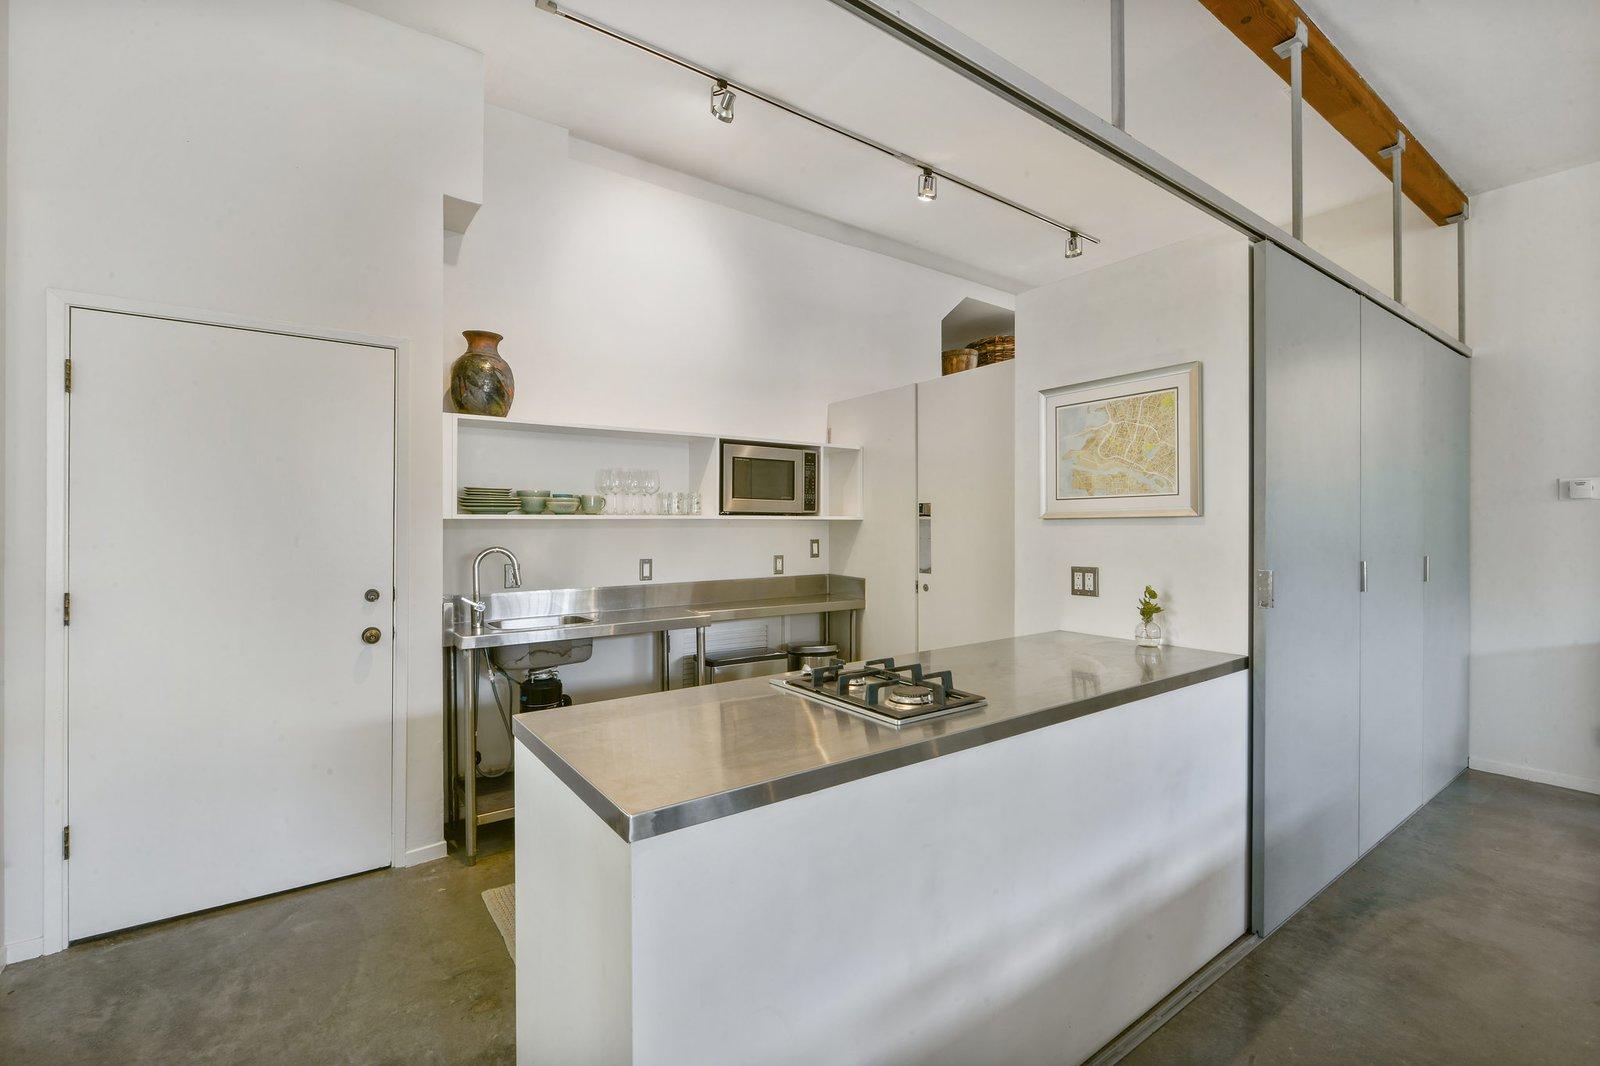 South Prescott Village loft kitchen